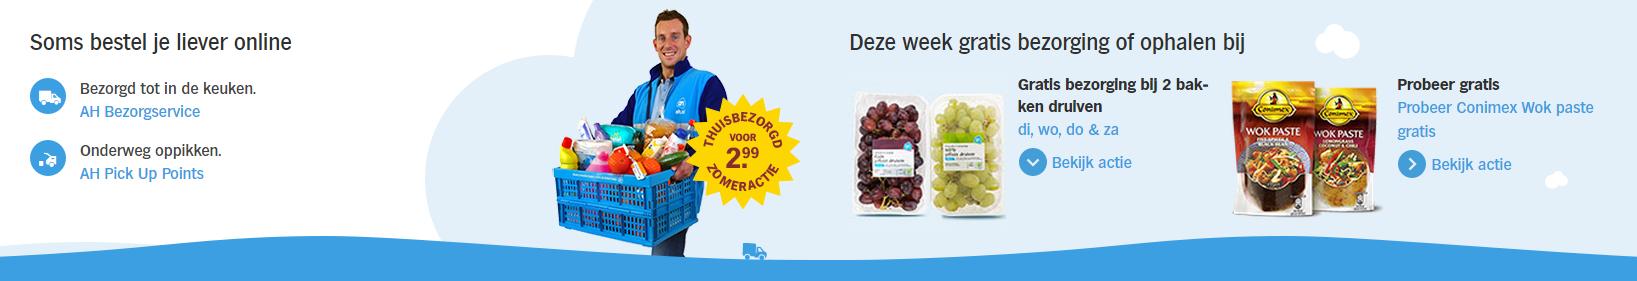 Albert Heijn gratis bezorging bij online bestelling op AH.nl